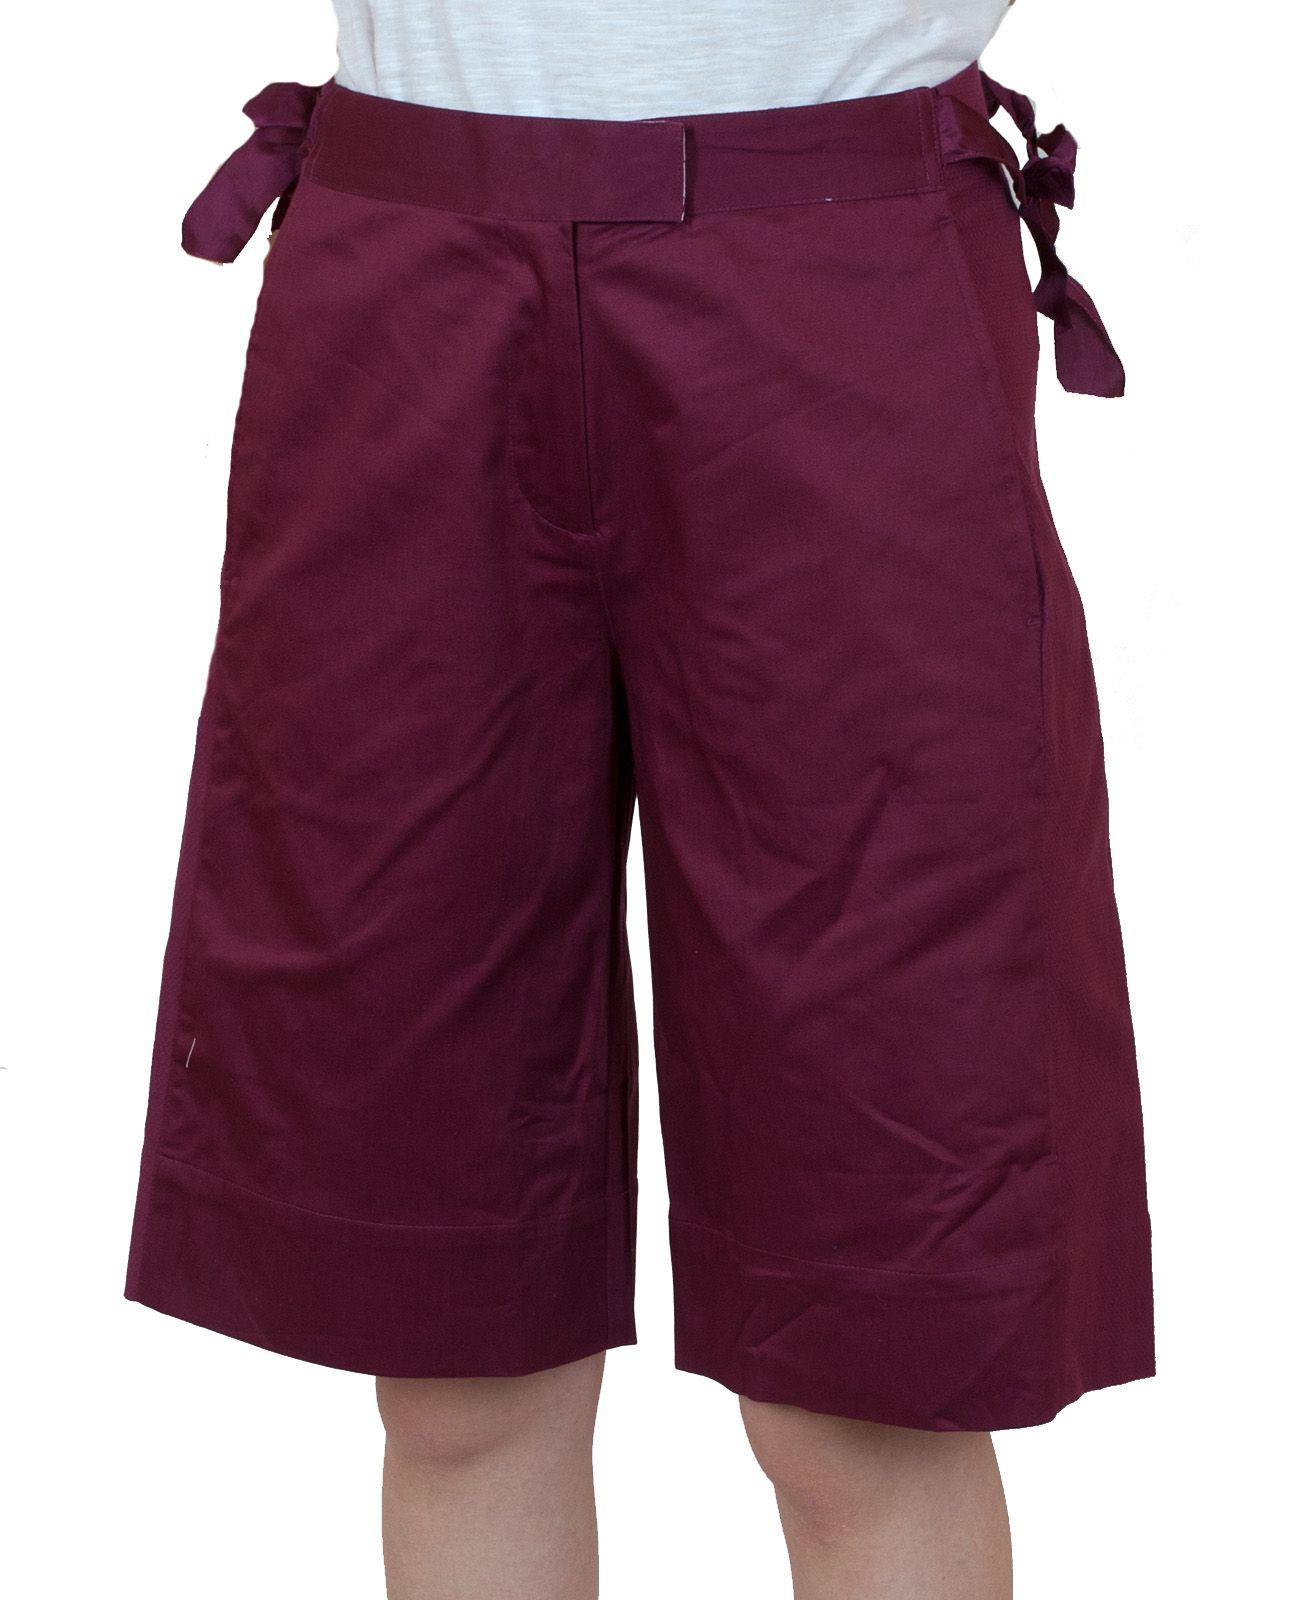 Бордовые городские шорты для девушекa - вид спереди